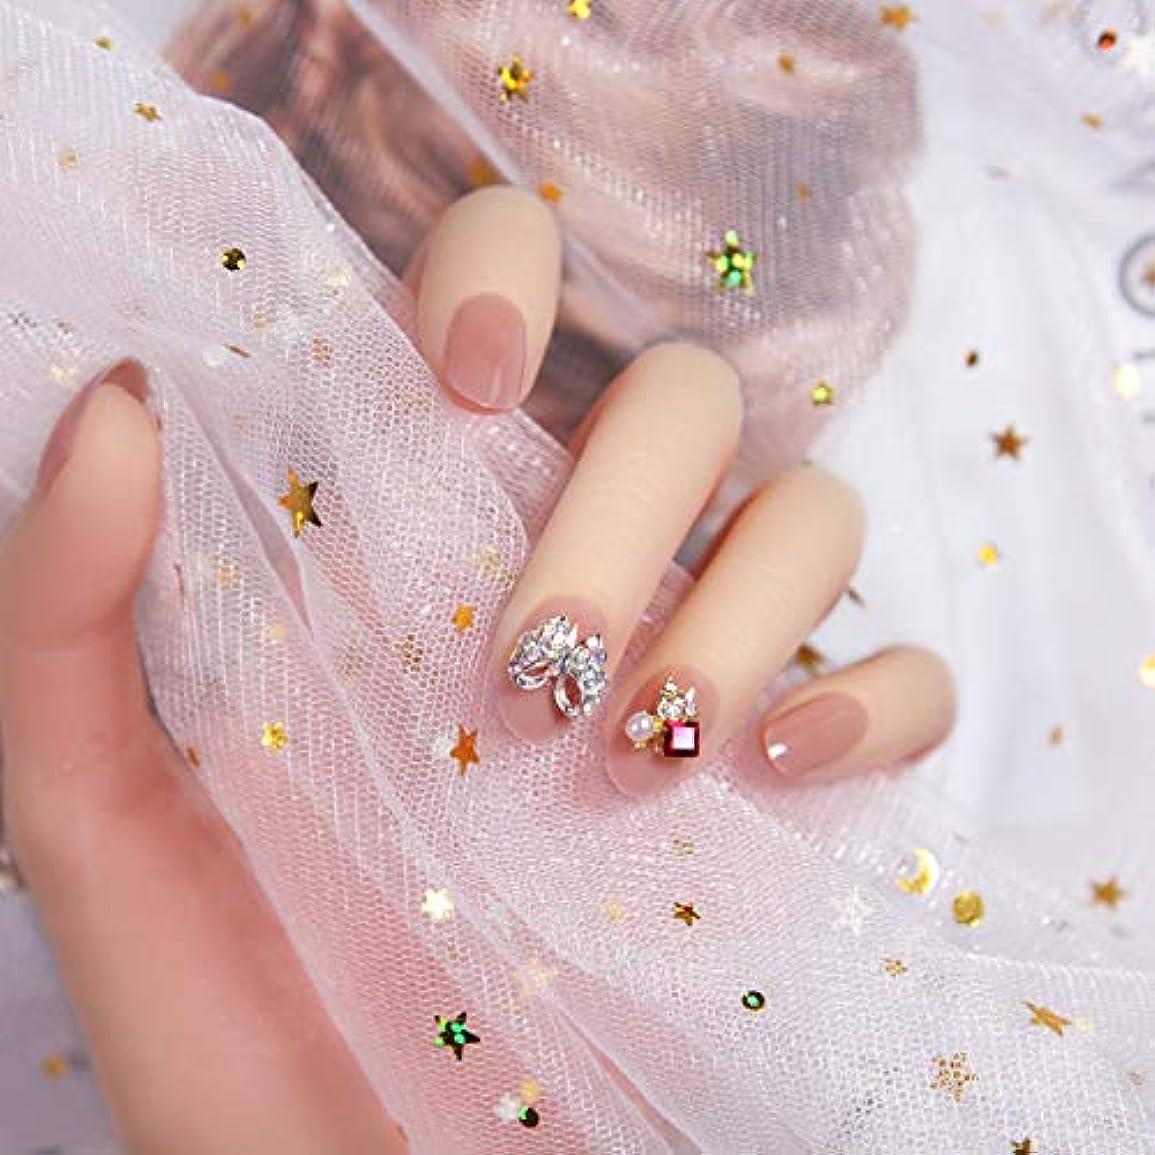 案件暴動サイズピンク 3D ネイルチップ 人造ダイヤモンド 24枚入 原宿 和風 夢幻 和装 手作りネイルチップ 結婚式ネイルチップ